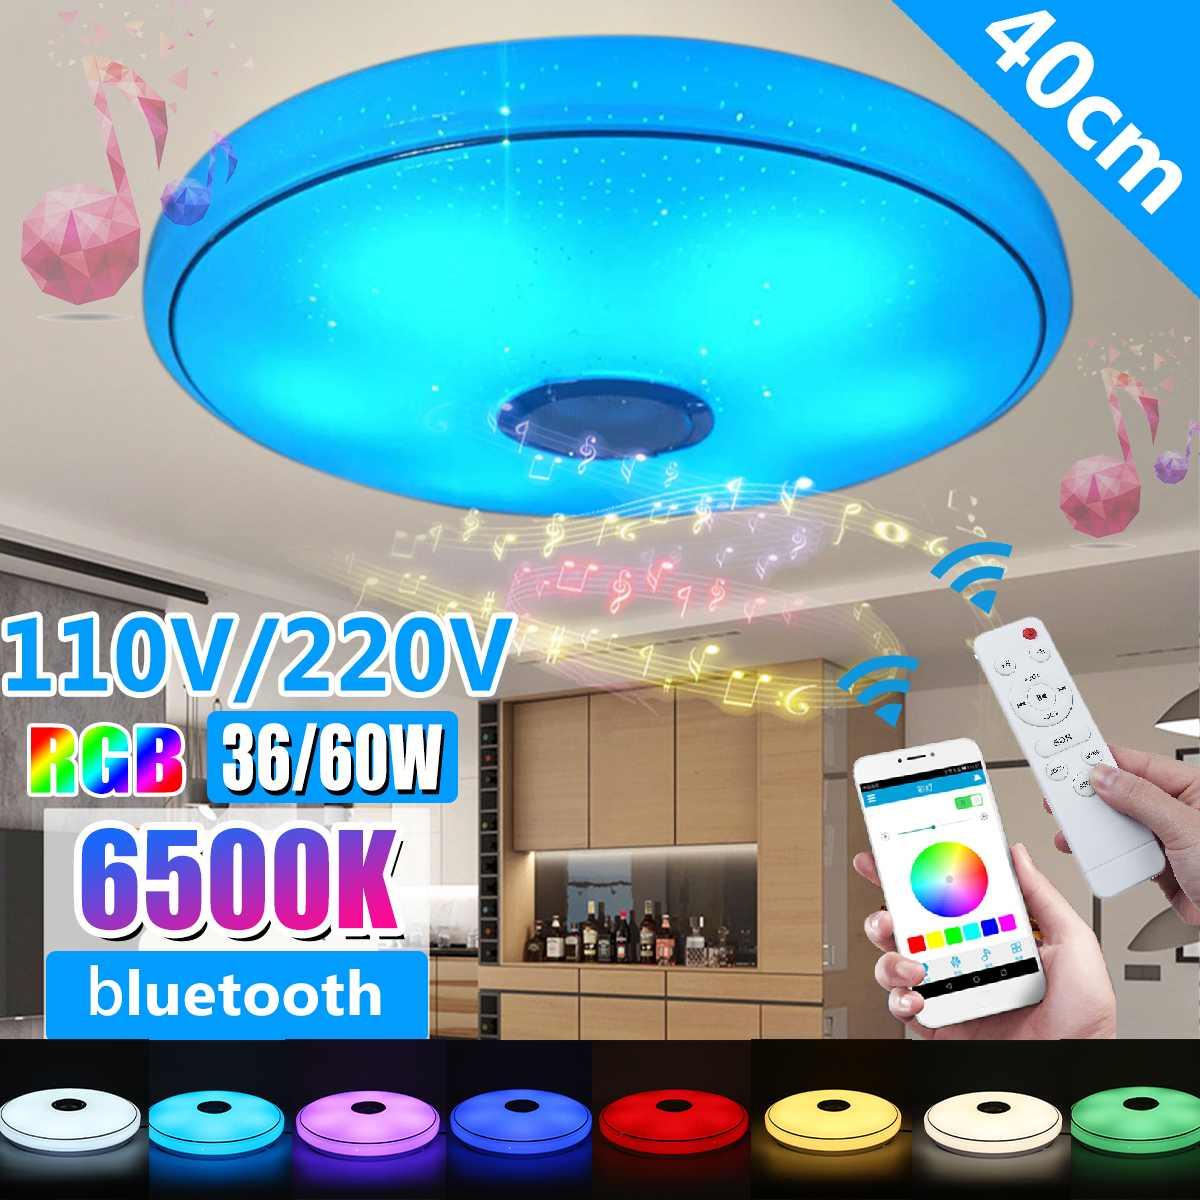 Moderne RGB LED Decke Lichter Hause beleuchtung 36W 60W APP bluetooth Musik Licht Schlafzimmer Lampen Smart Decke Lampe + Fernbedienung